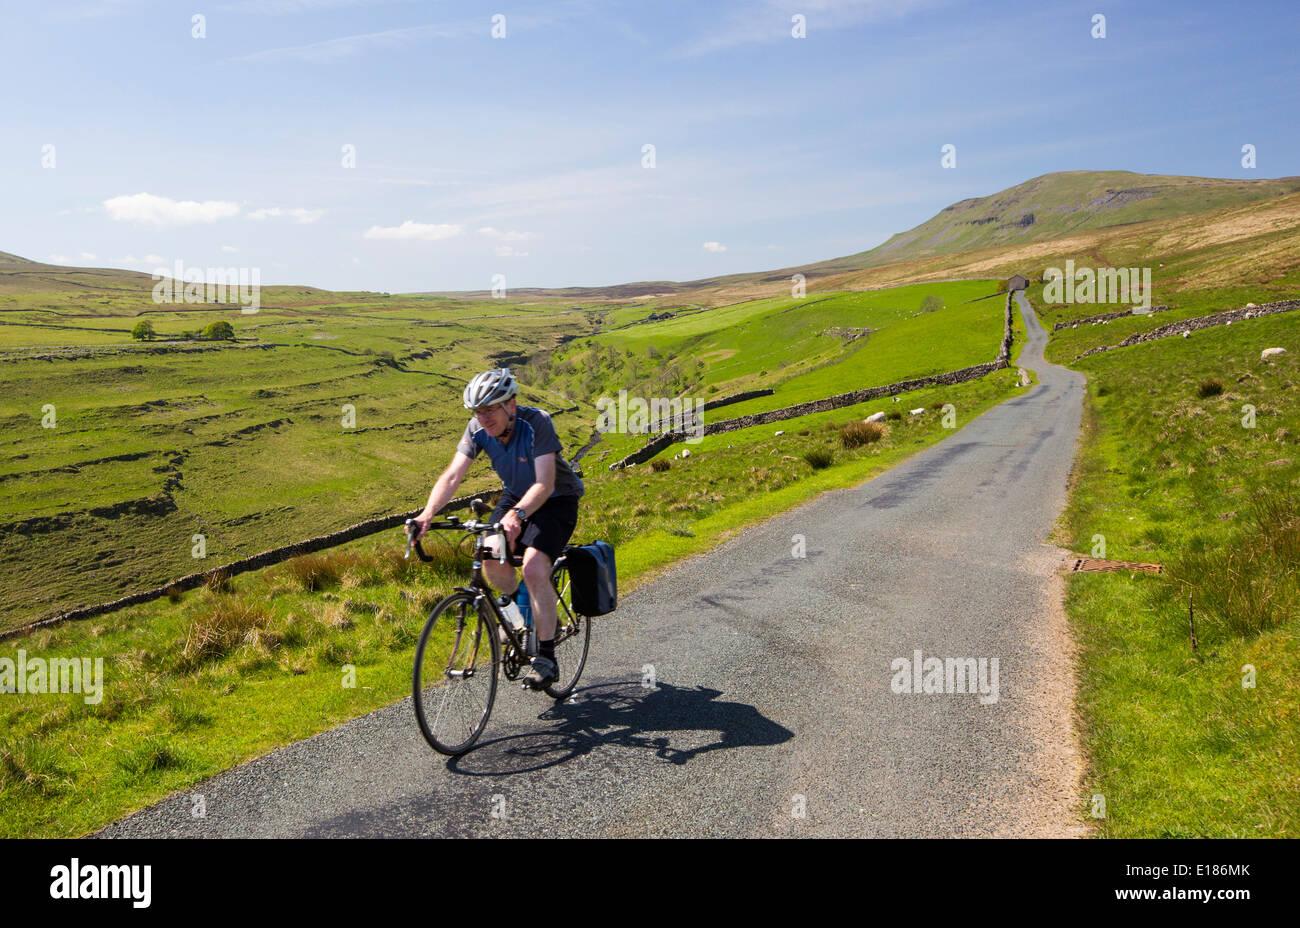 Un ciclista Penyghent Gill en Littondale descendente en los valles de Yorkshire, Reino Unido. Foto de stock